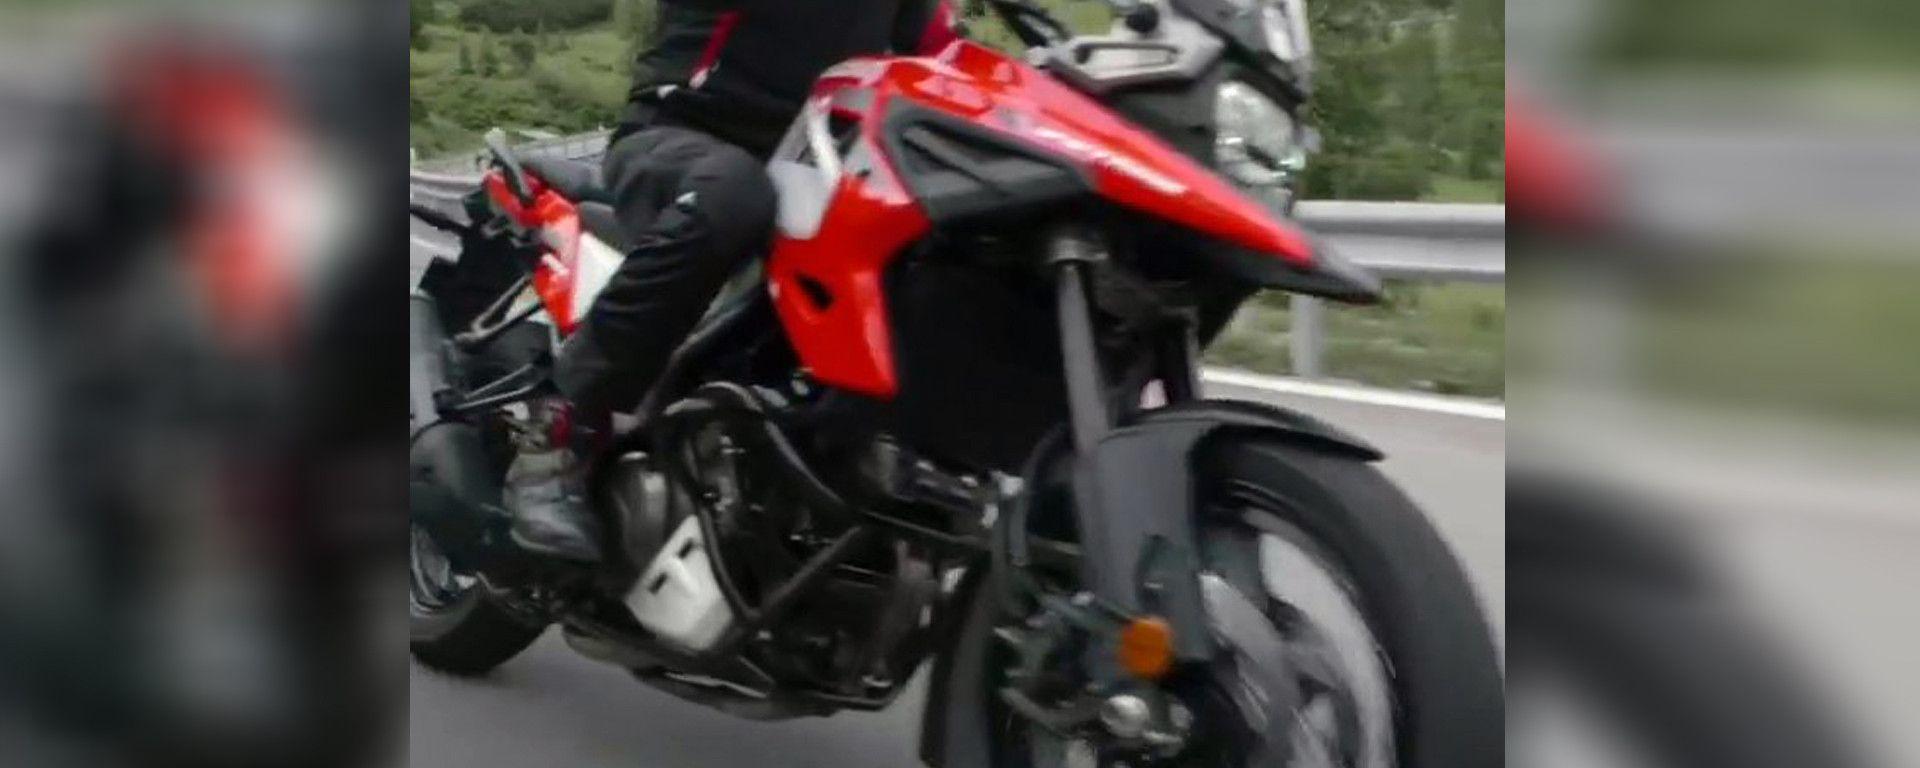 Nuova Suzuki Dr Big 2020: la vedremo a EICMA 2019